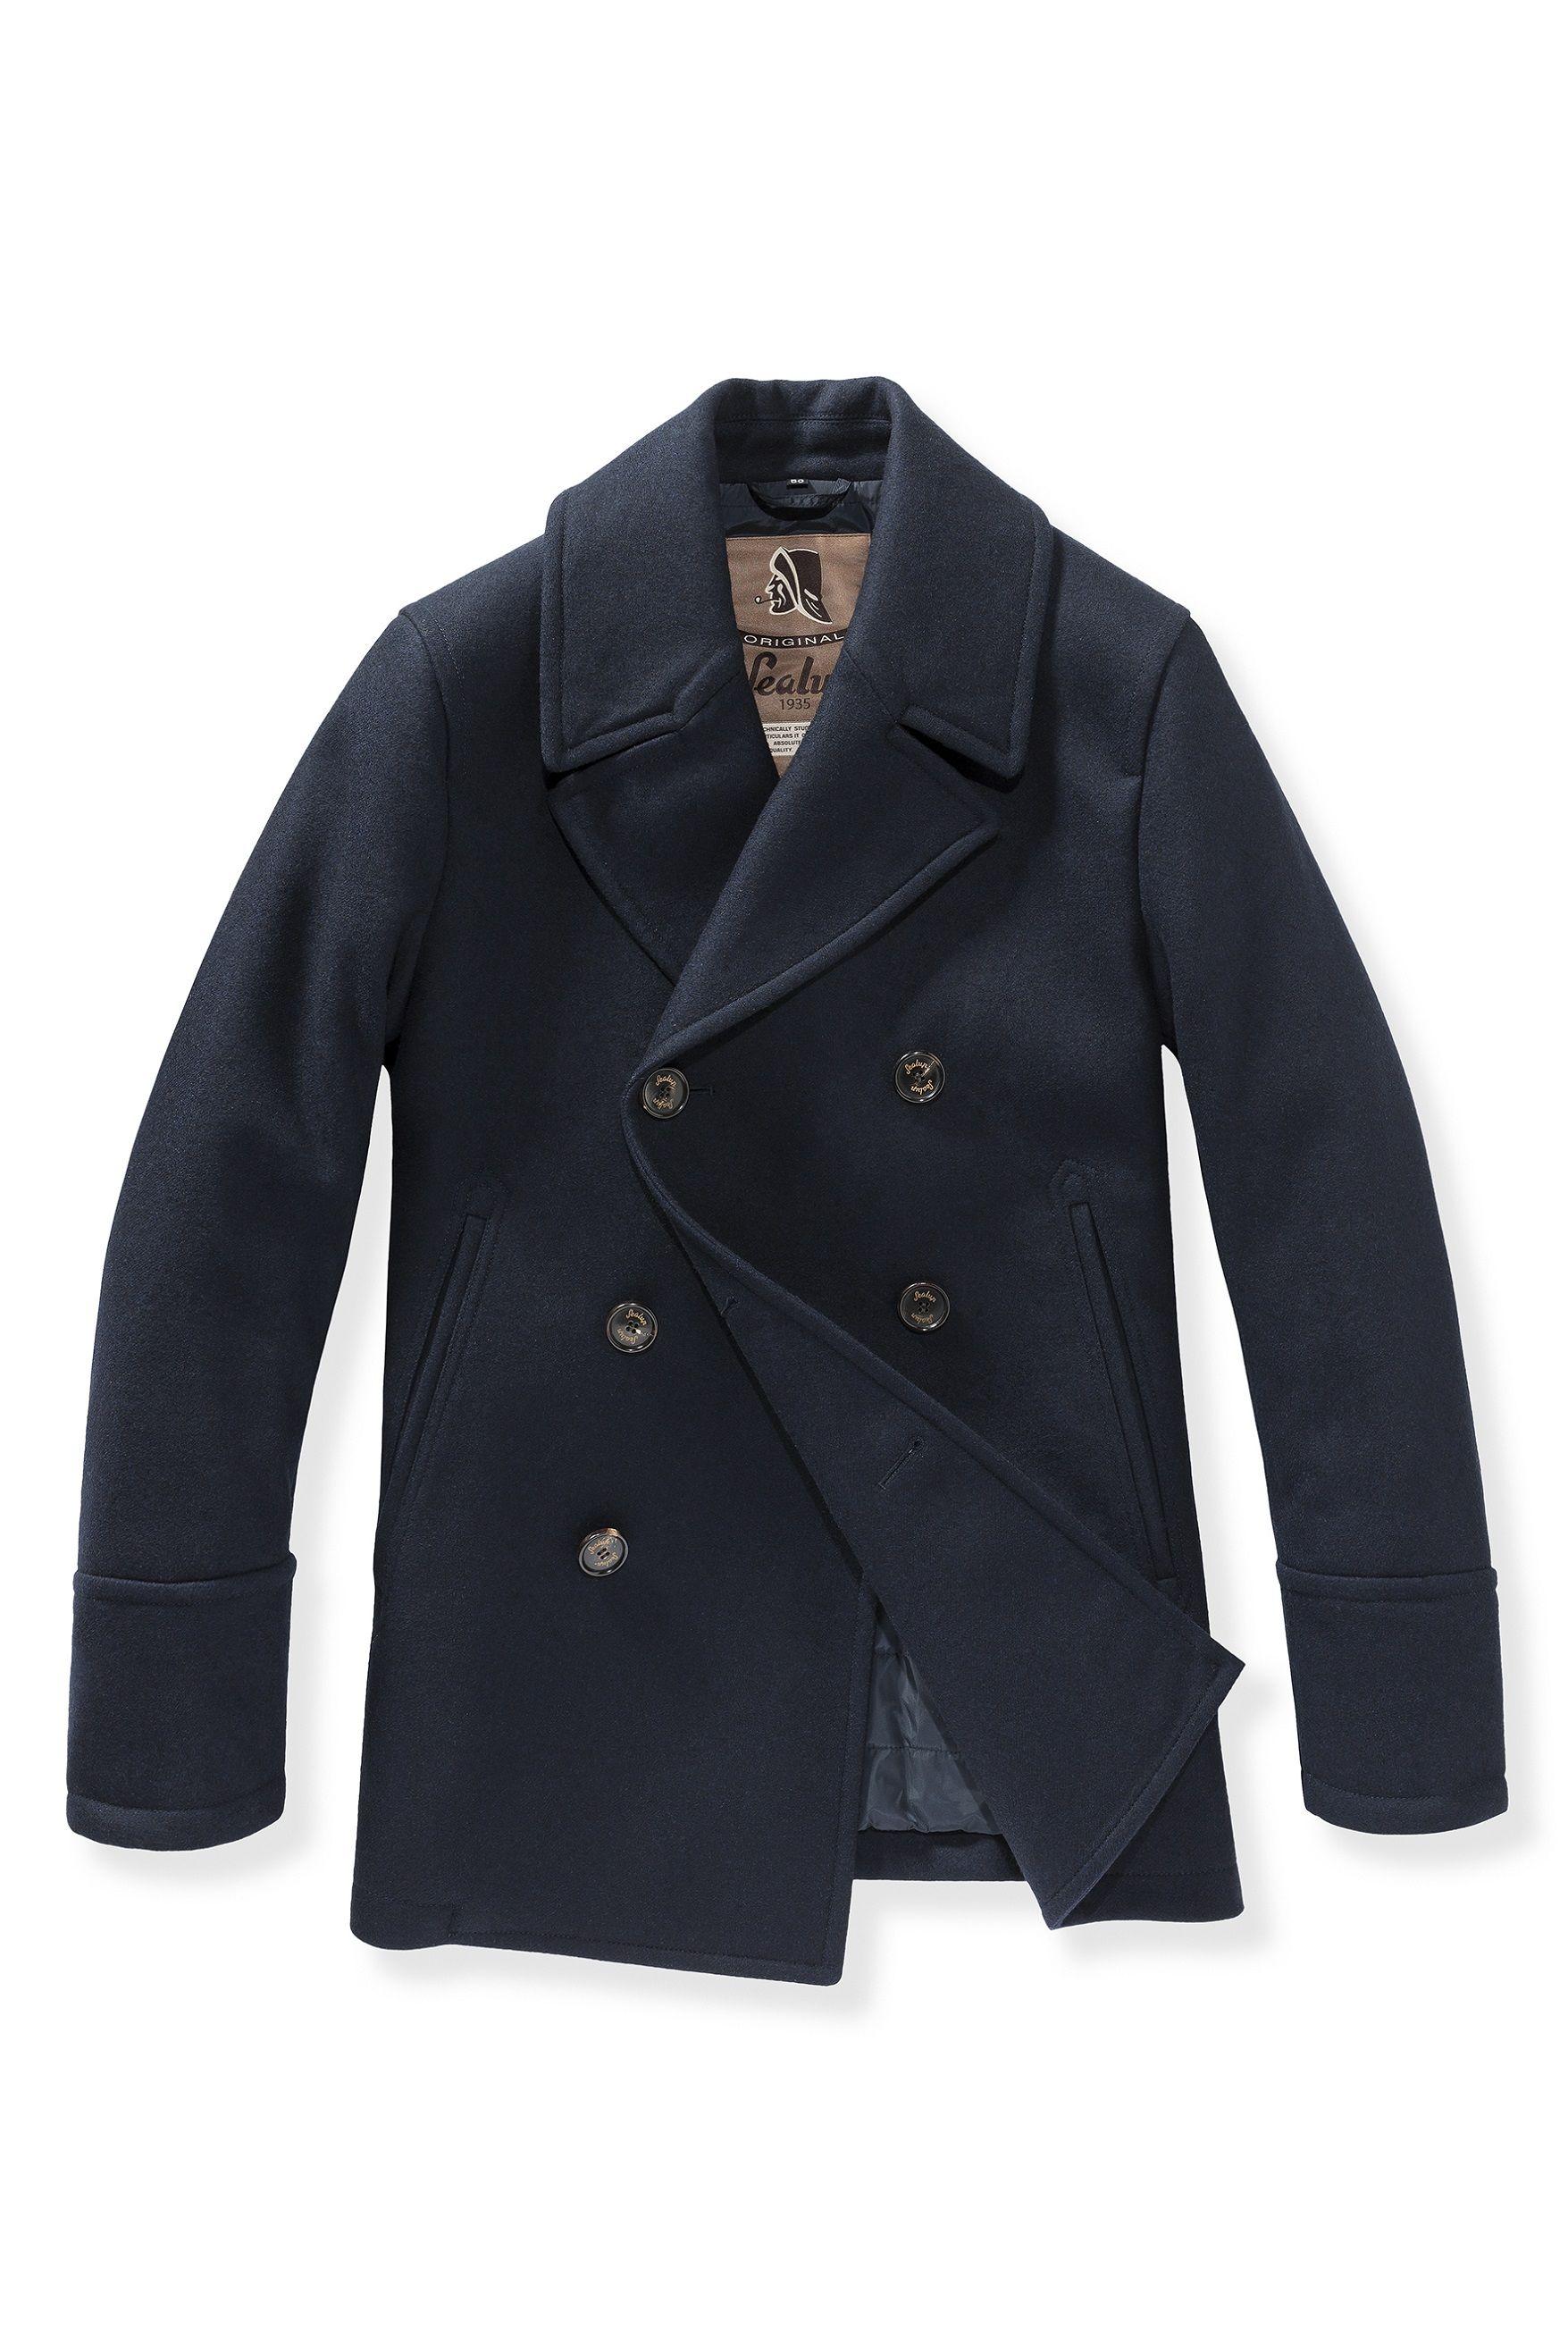 best authentic 1ebdc 184fe Sealup AW2014 peacoat   Menswear   Caban, Abbigliamento uomo ...